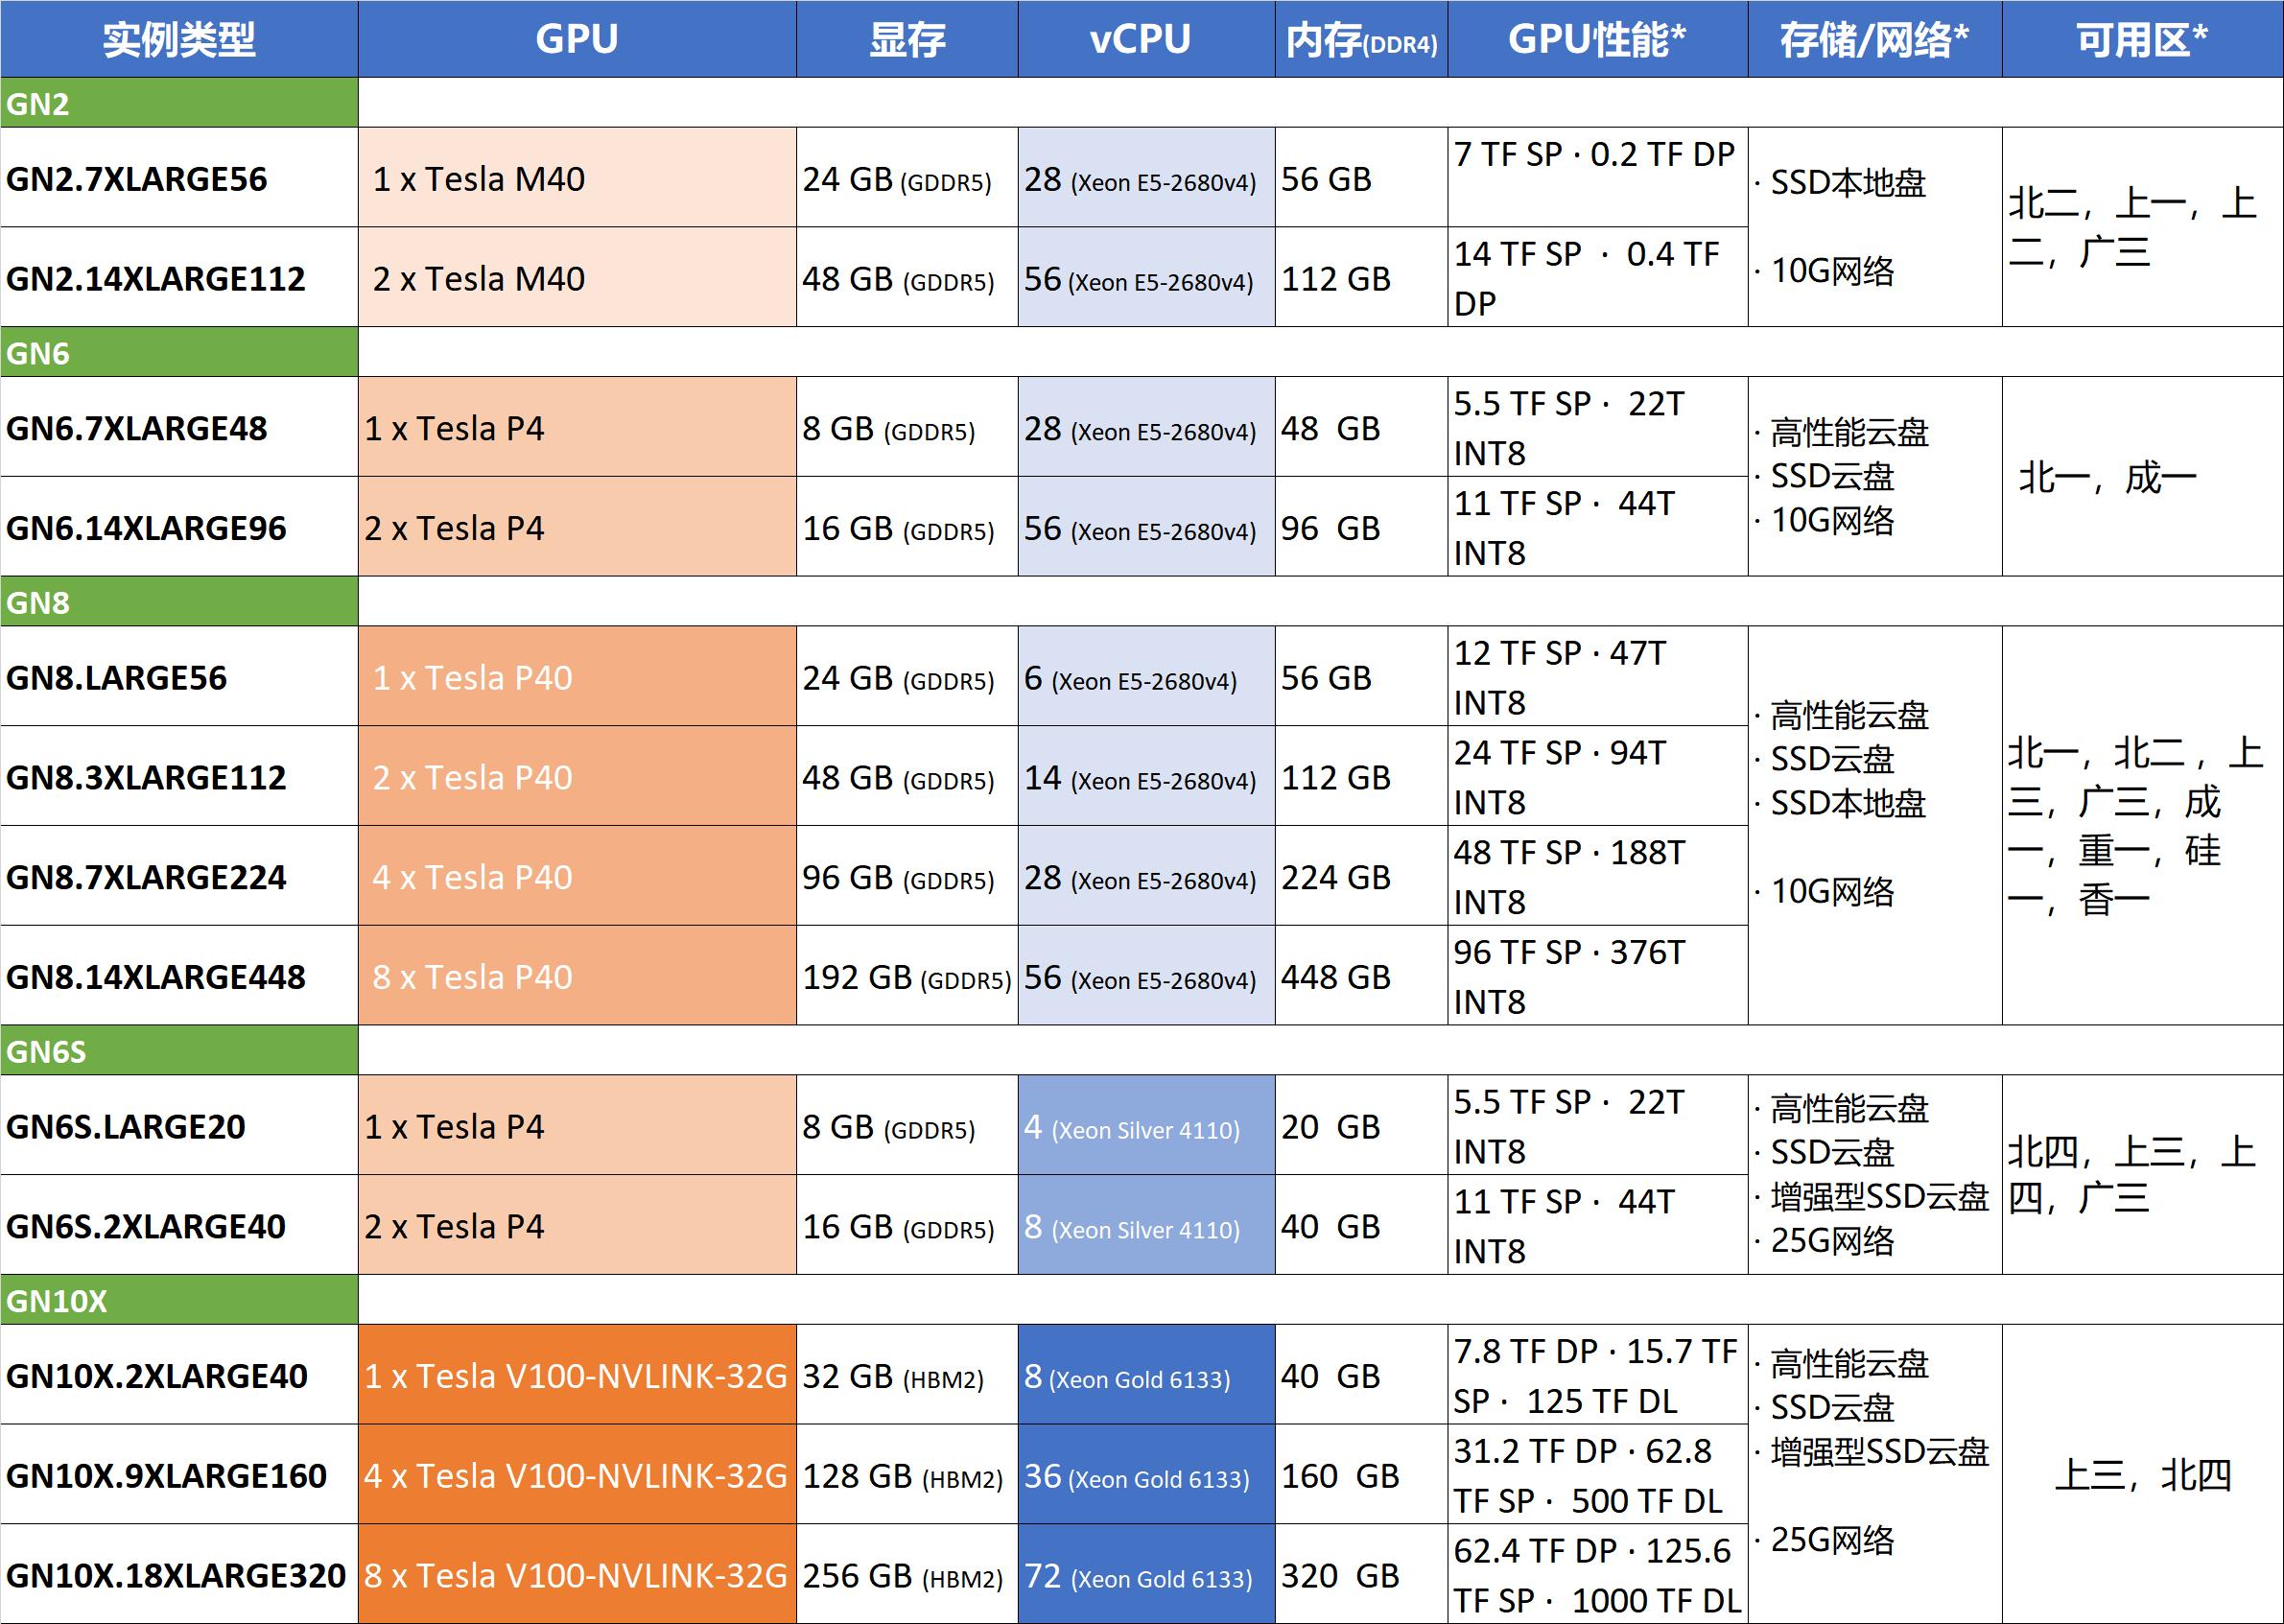 腾讯云NVIDIA GPU实例配置性能使用场景及注意事项